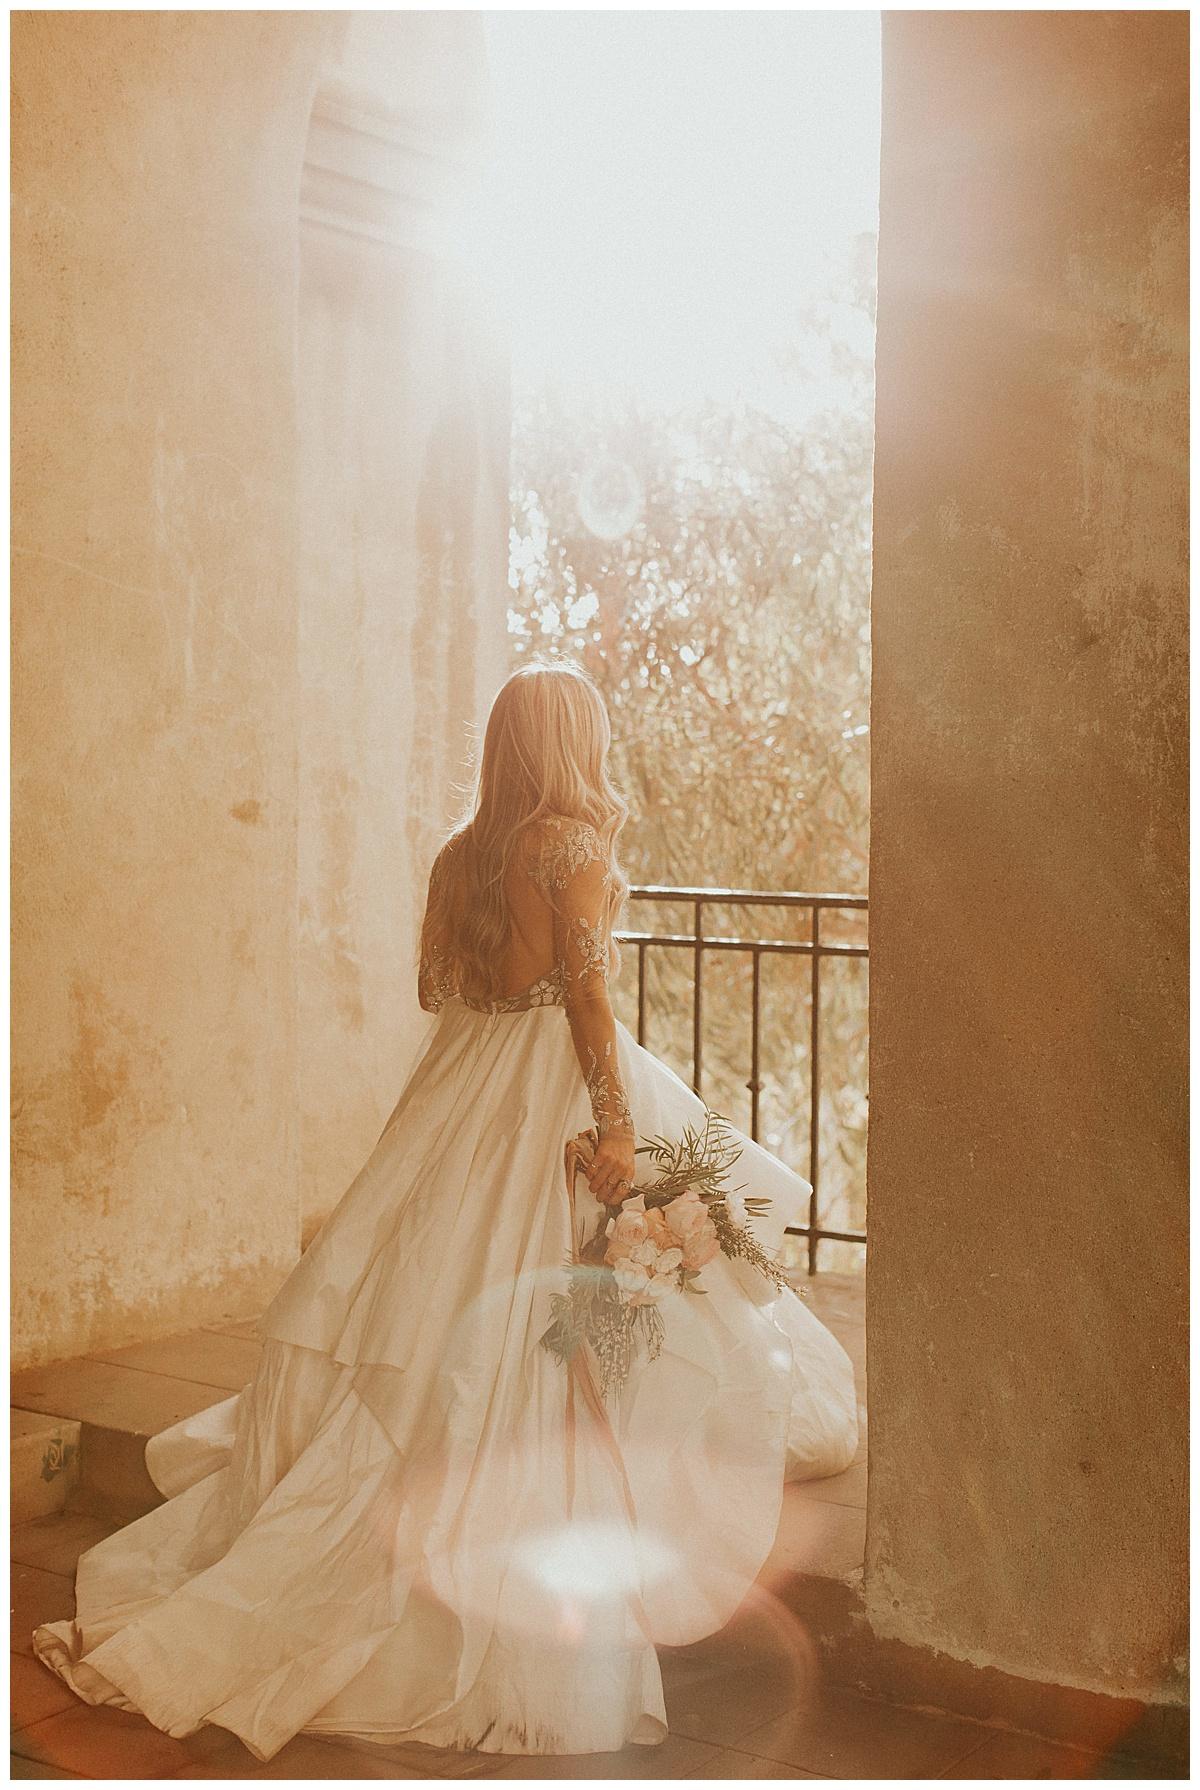 Bixby+Pine-Sarah-Anne-Photography-Balboa-Park-San-Diego-Californai_0034.jpg